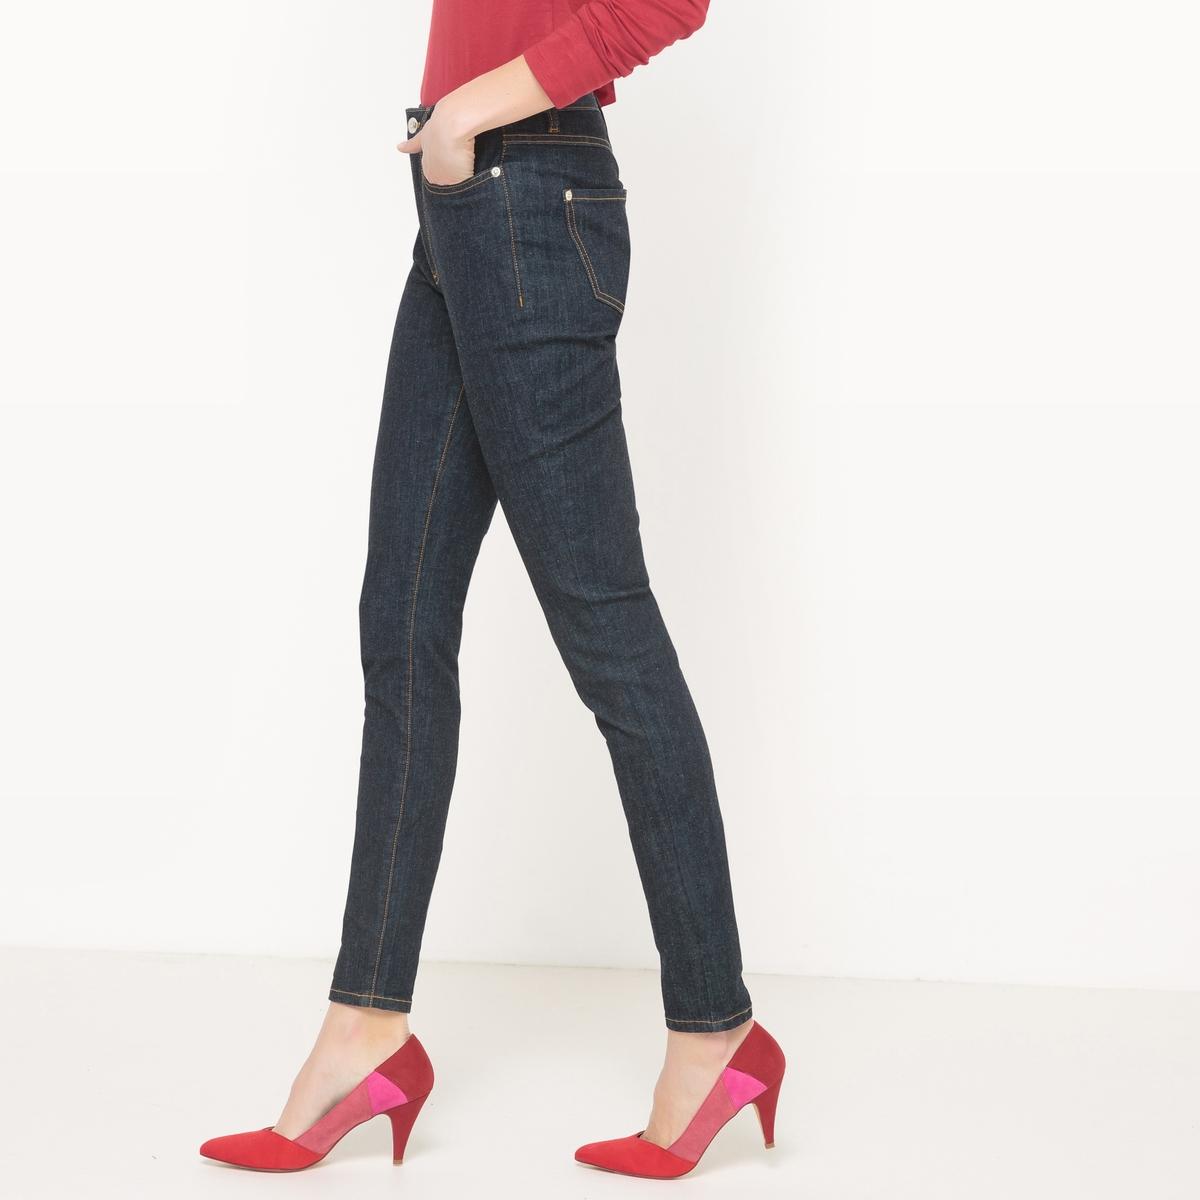 Джинсы скинни с завышенной талией, Ultra Power StretchМатериал : 98% хлопка, 2% эластана для черного цвета 86% хлопка, 11% эластомультиэстера, 3% эластана для синего и серого цвета             Высота пояса : высокий пояс            Покрой джинсов : скинни            Длина джинсов : длина 30, 32, 34              Стирка : машинная стирка при 30 °С в деликатном режиме, стирать с вещами схожих цветов с изнаночной стороны            Уход : гладить при умеренной температуре / отбеливание запрещено            Машинная сушка : в умеренном режиме            Глажка : при умеренной температуре с изнаночной стороны<br><br>Цвет: синий потертый,темно-синий,черный<br>Размер: 33 длина 32.28 (US) длина 32.29 длина 32.29 длина 32.24 длина 30.32 длина 30.25 длина 32.33 длина 34.32 длина 30.25 длина 32.28 длина 34.33 длина 30.32 длина 34.30 длина 34.33 длина 30.31 длина 32